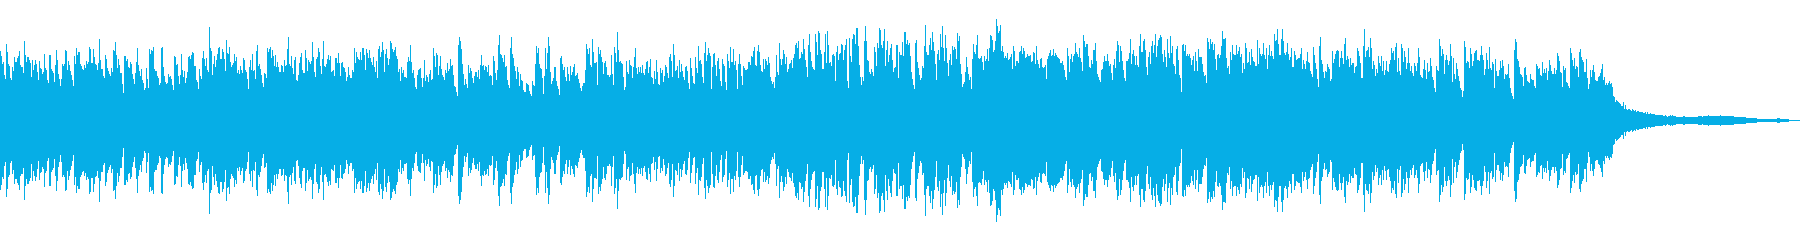 低音重視/重厚で力強い和風曲18-ピアノの再生済みの波形